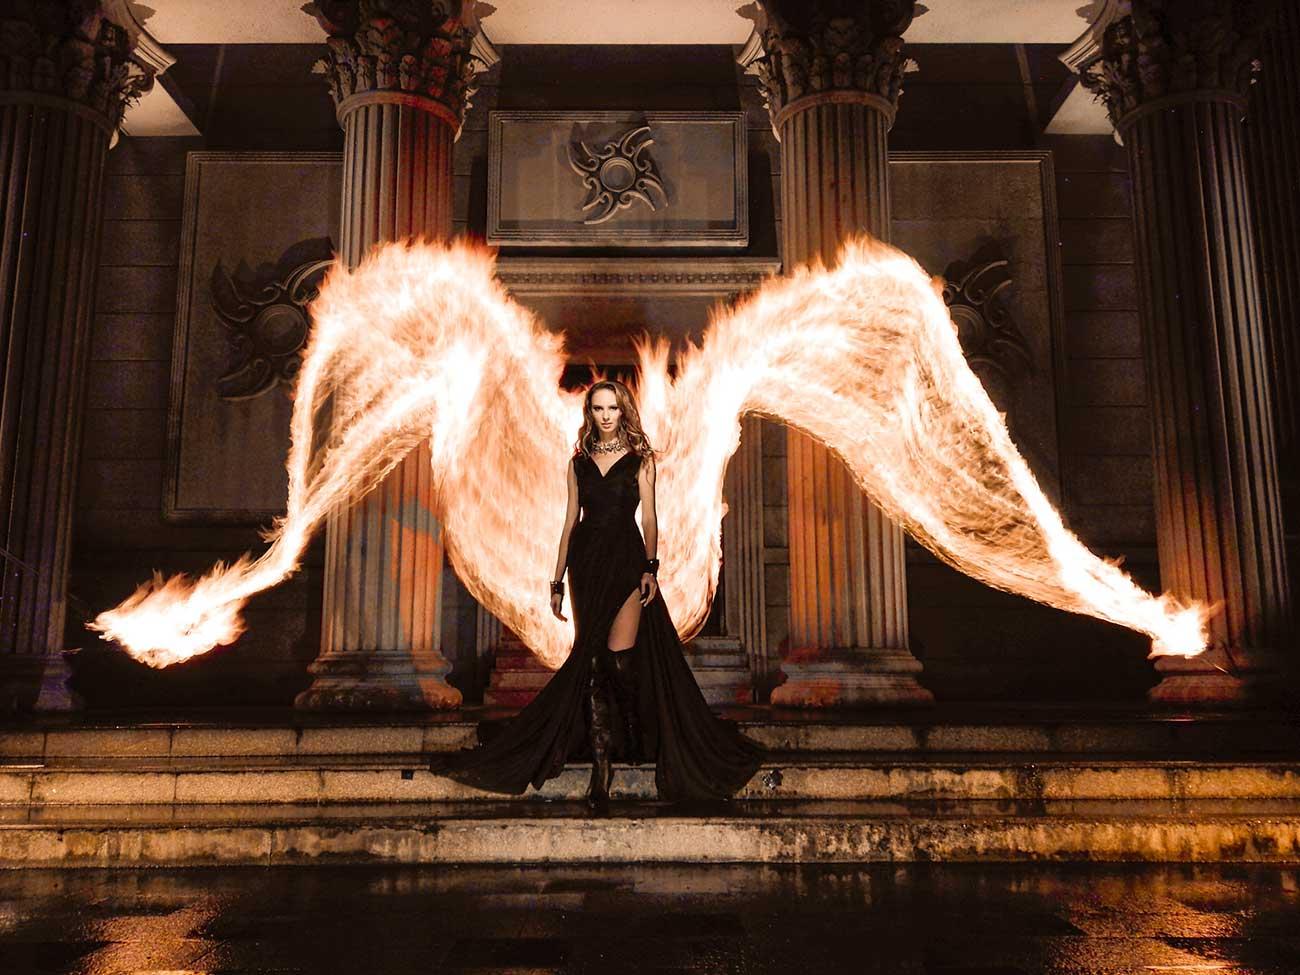 Benjamin Von Wong - Fire Angel